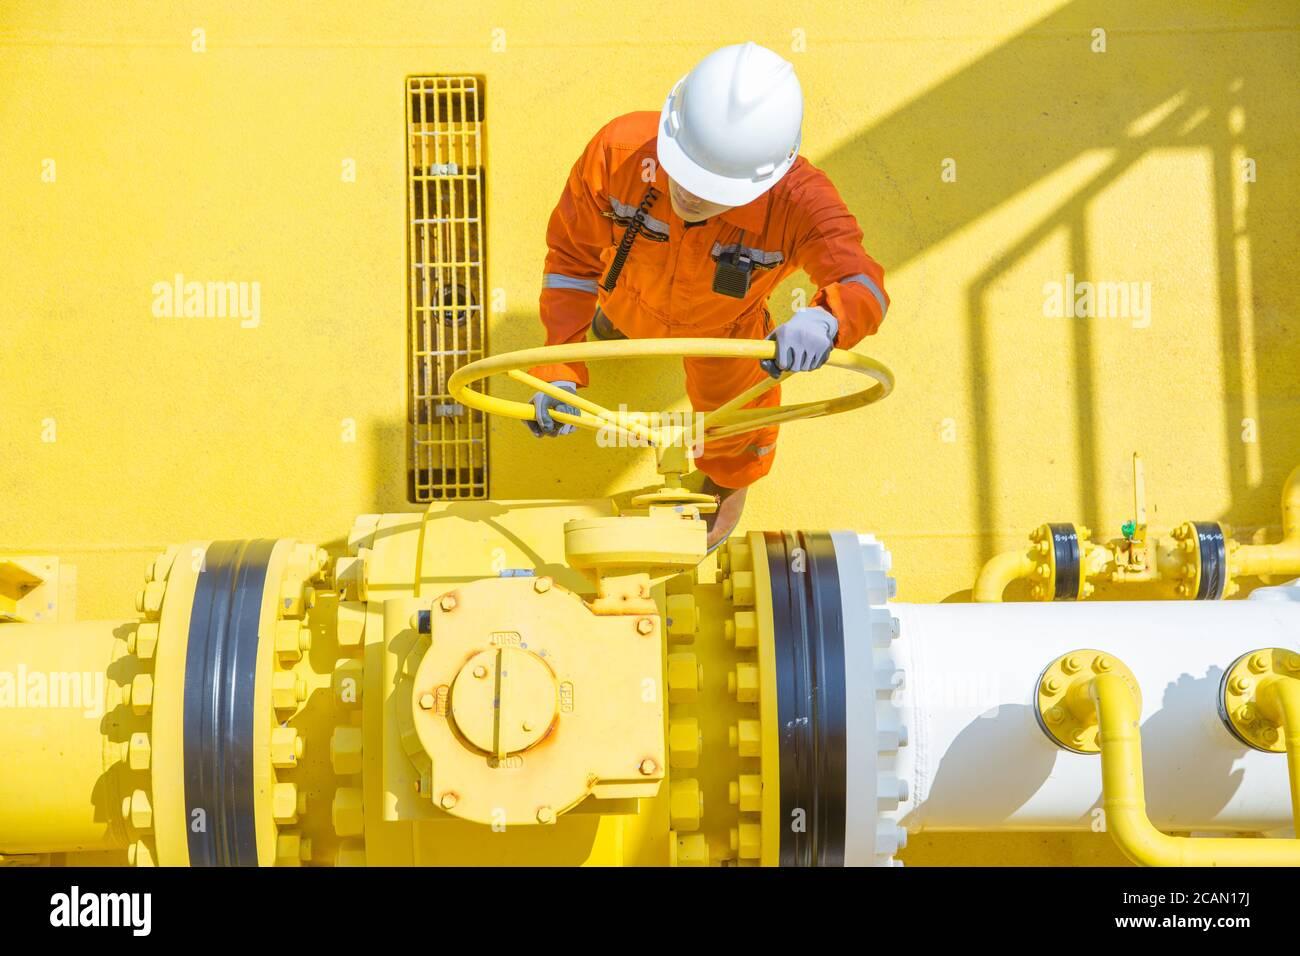 Operaciones de petróleo y gas en alta mar, el operador de producción abre la válvula para permitir el flujo de gas a la tubería de la línea del mar para el gas enviado y el petróleo crudo al procesamiento central Foto de stock